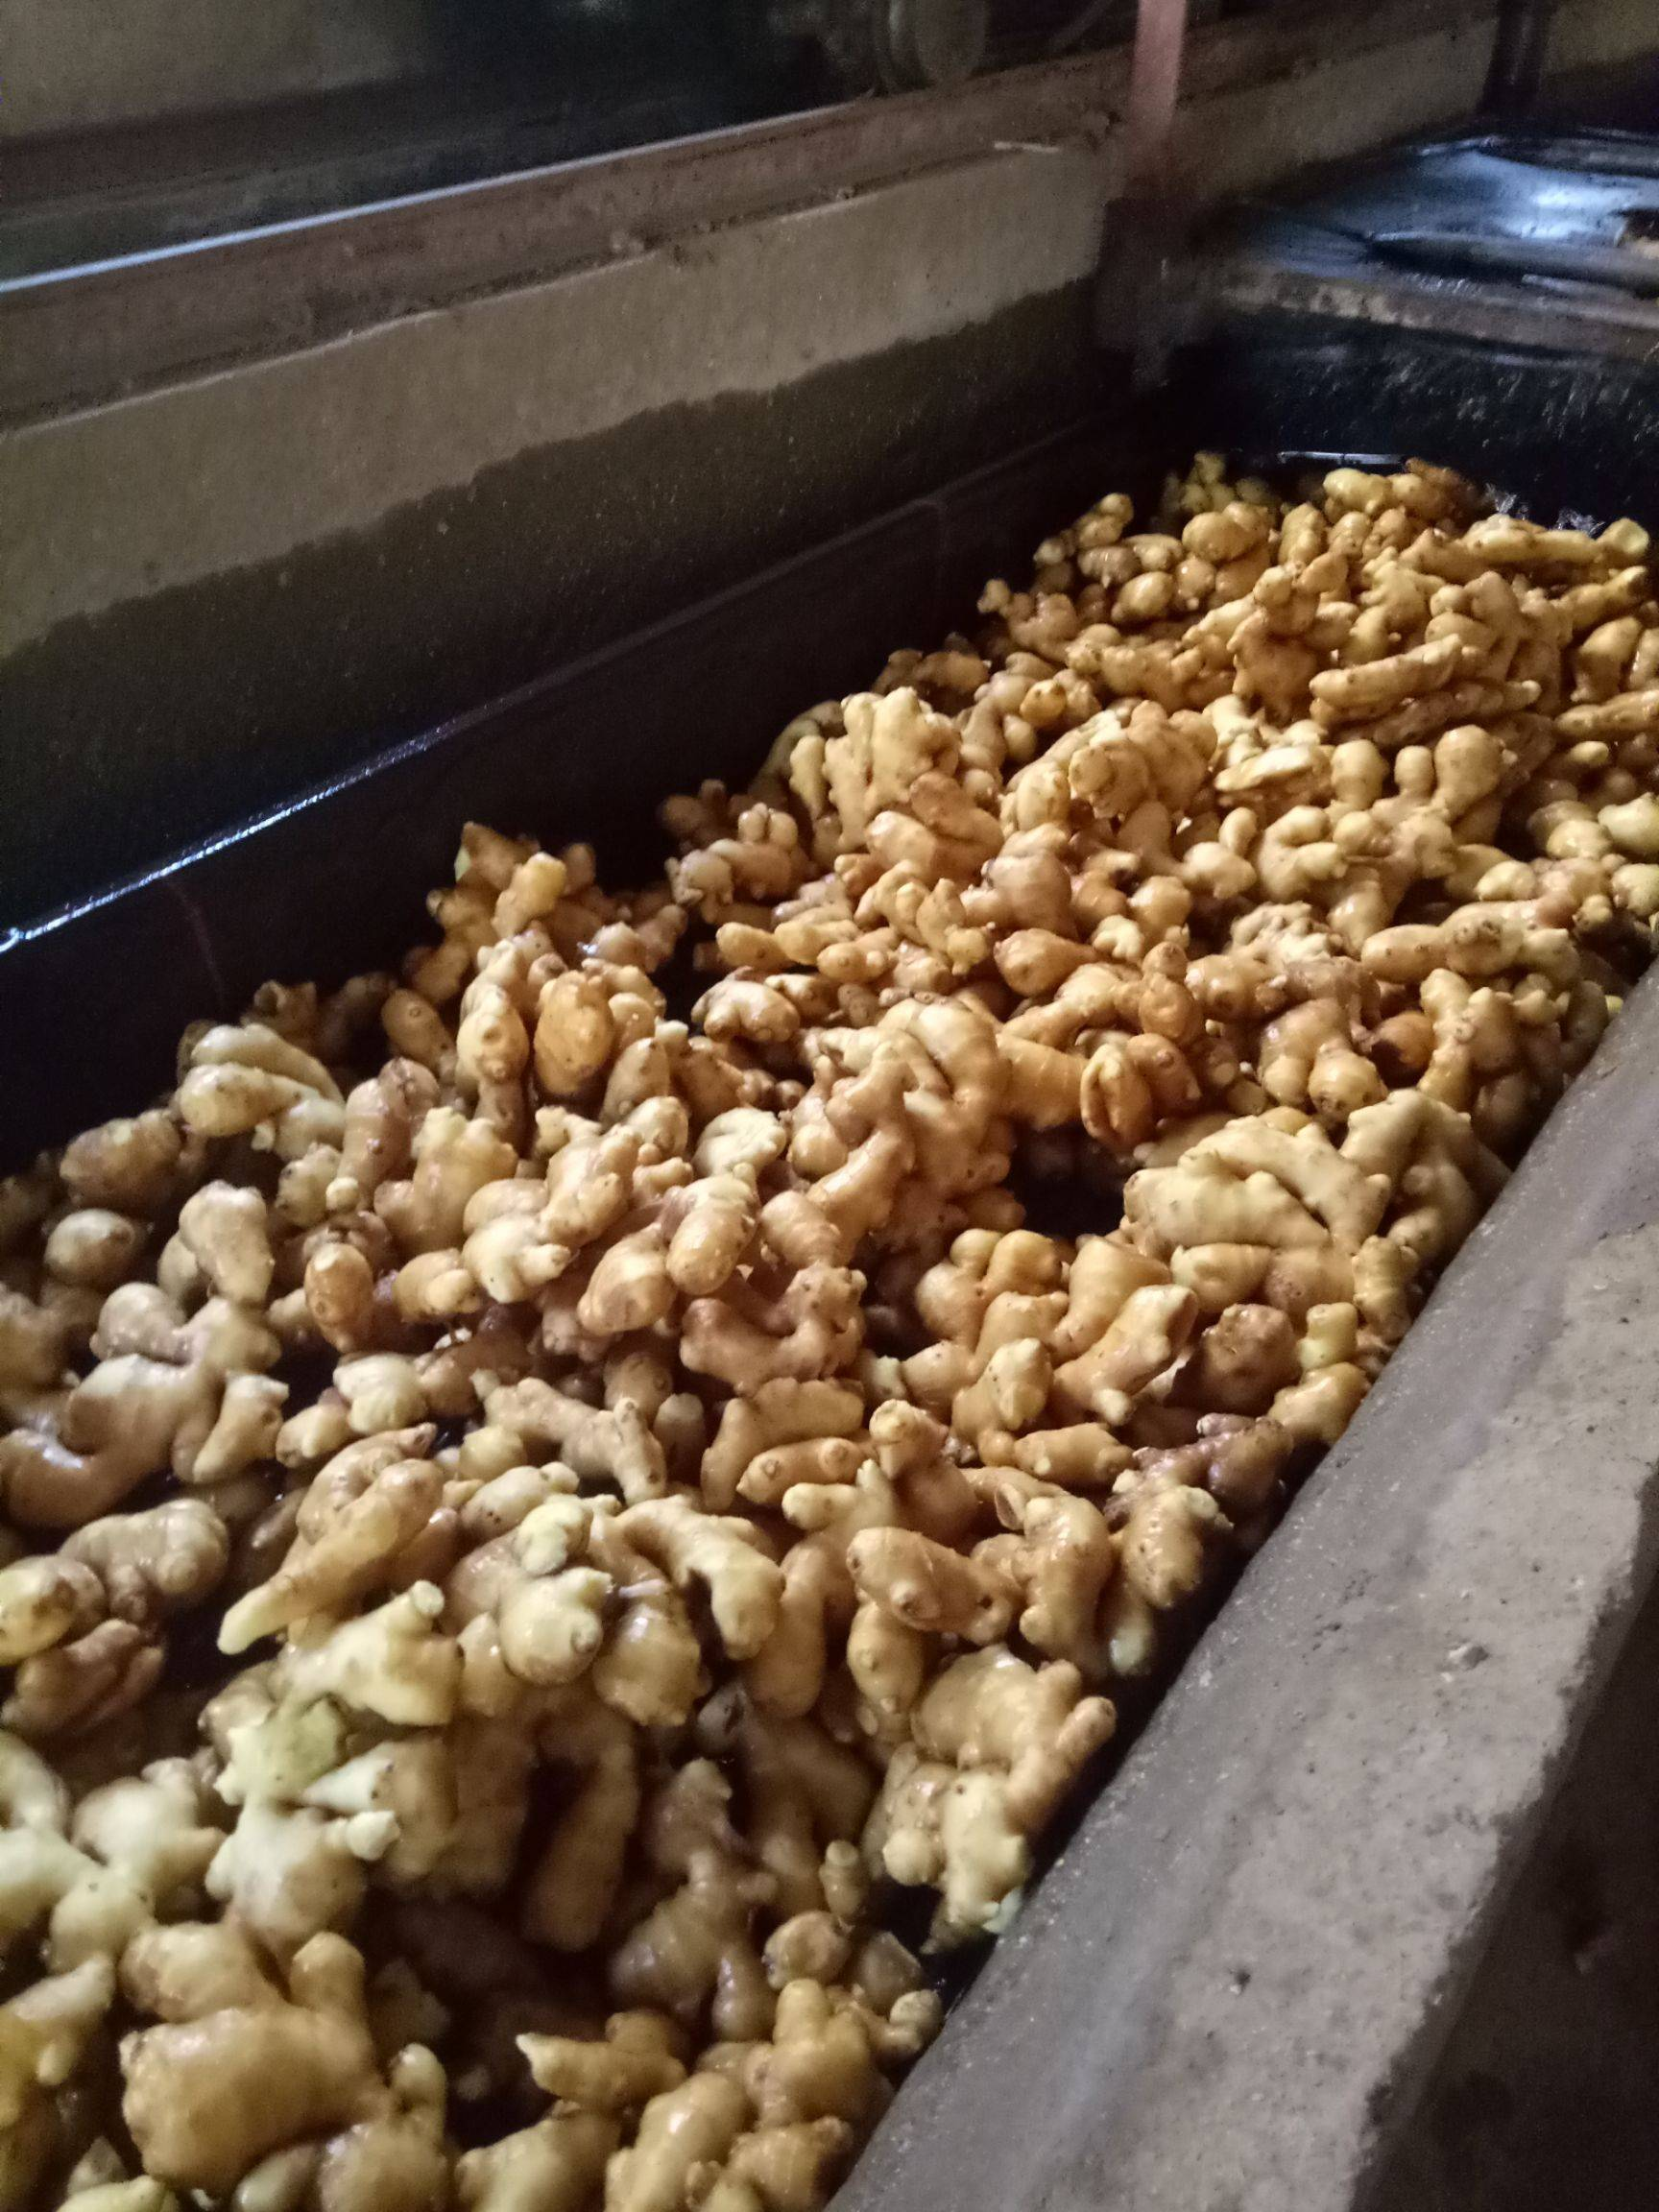 生姜 大黄姜 优质生姜品种齐全 可提供水洗人工包装等